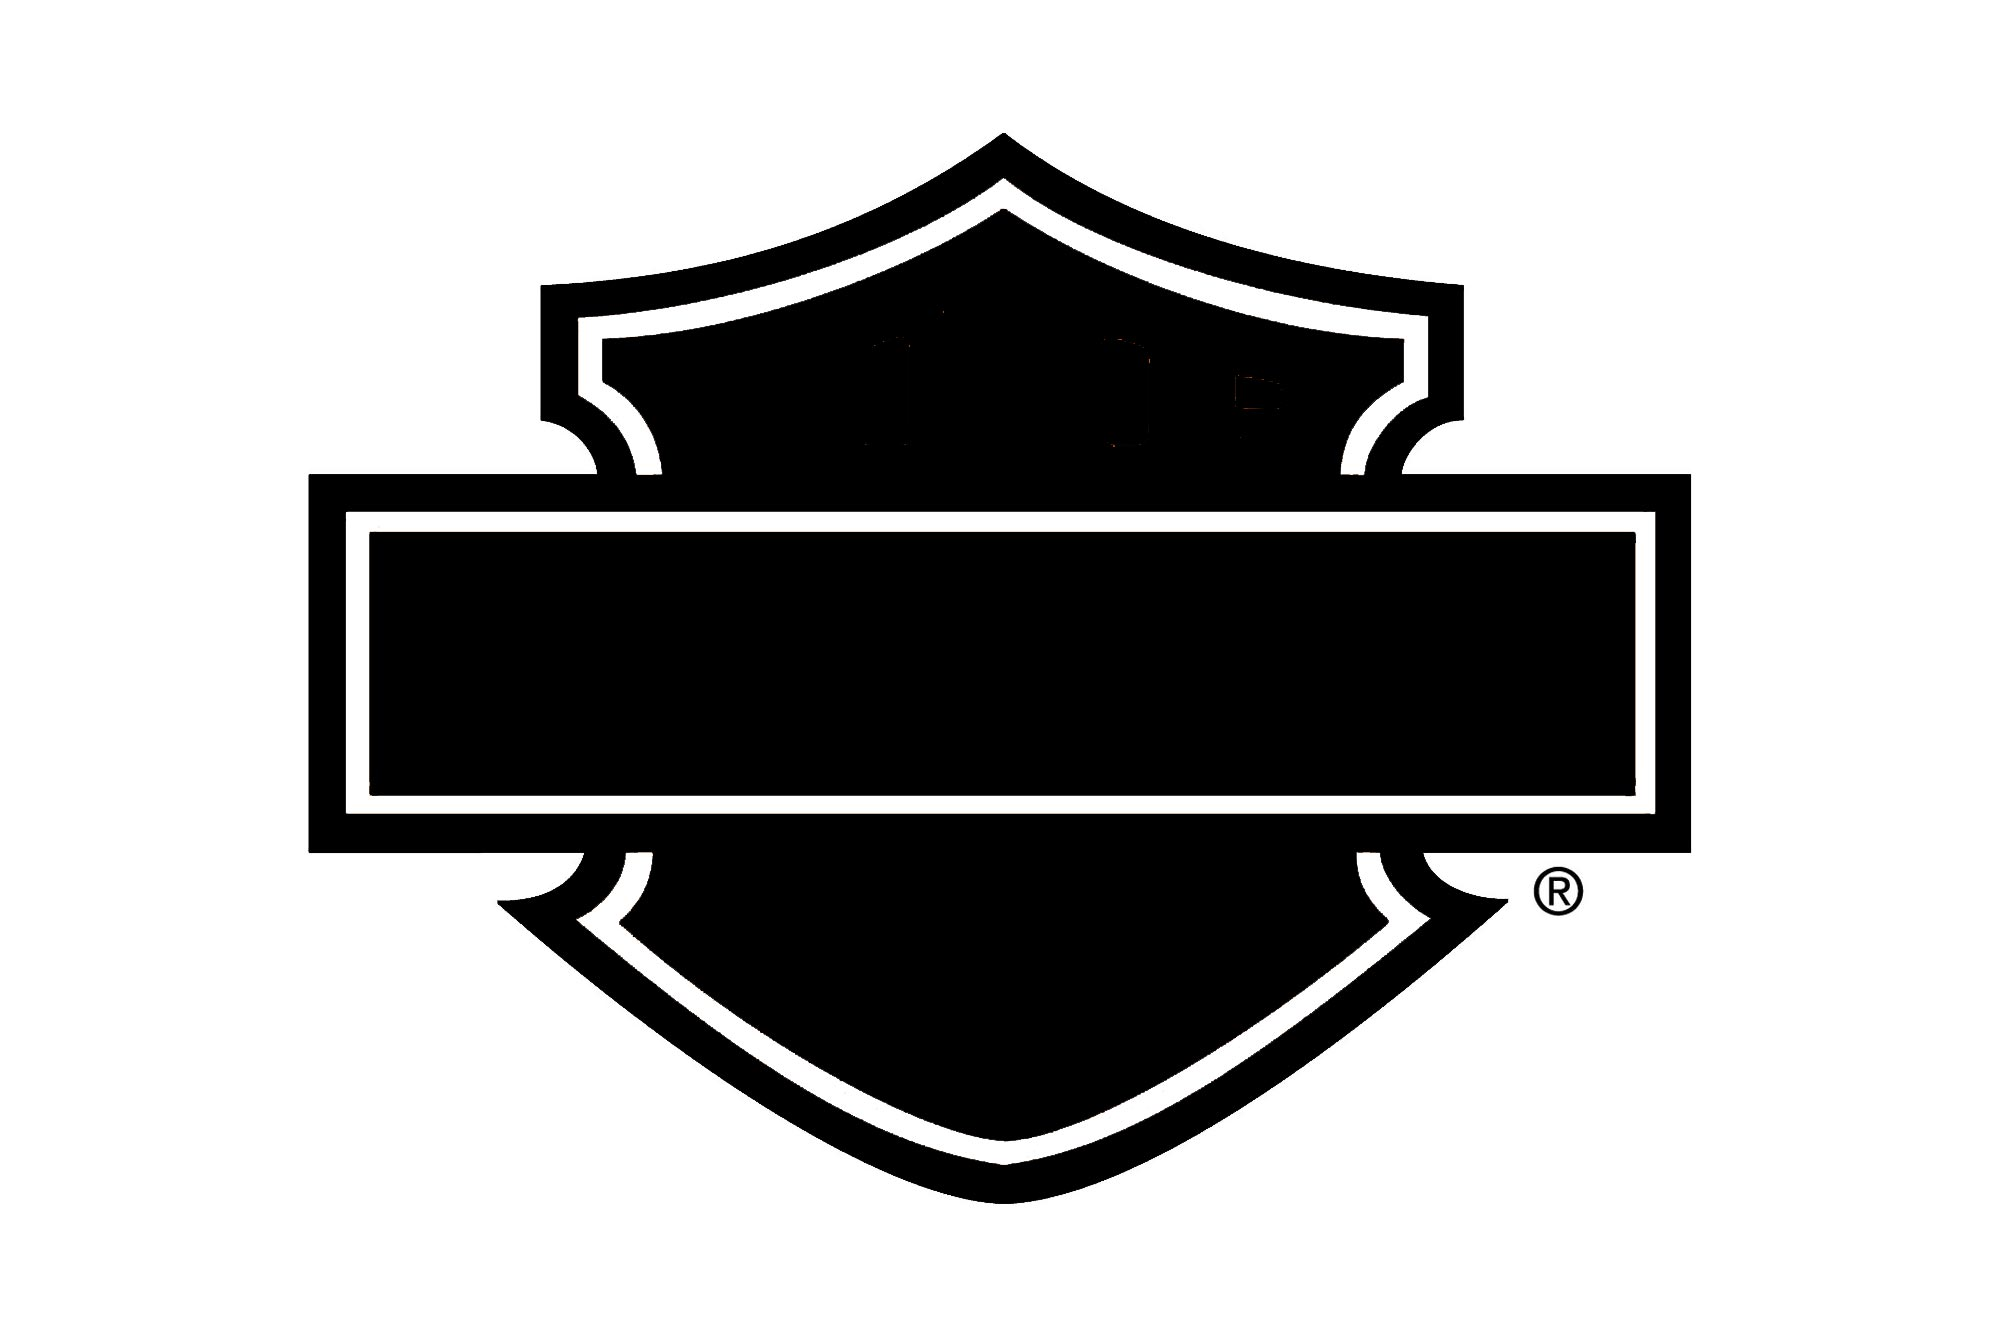 логотип харлей: